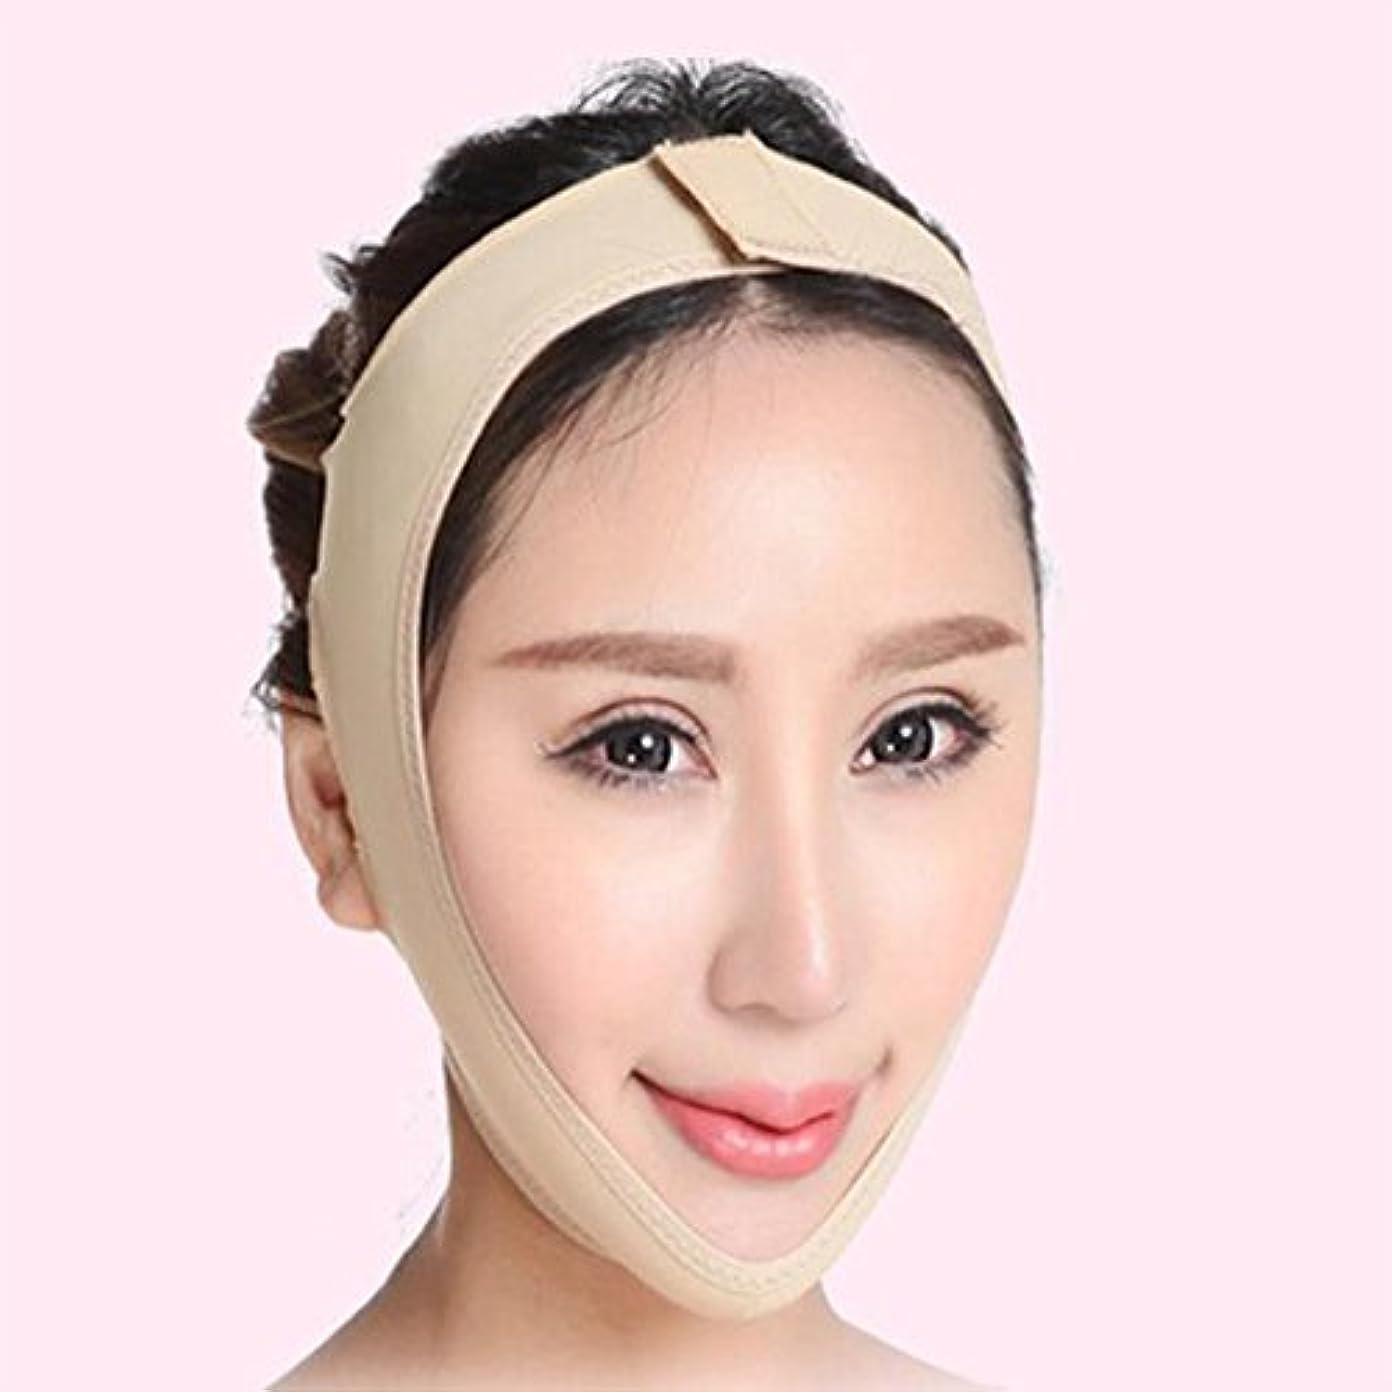 麺大気メディアSD 小顔 小顔マスク リフトアップ マスク フェイスライン 矯正 あご シャープ メンズ レディース XLサイズ AZD15003-XL